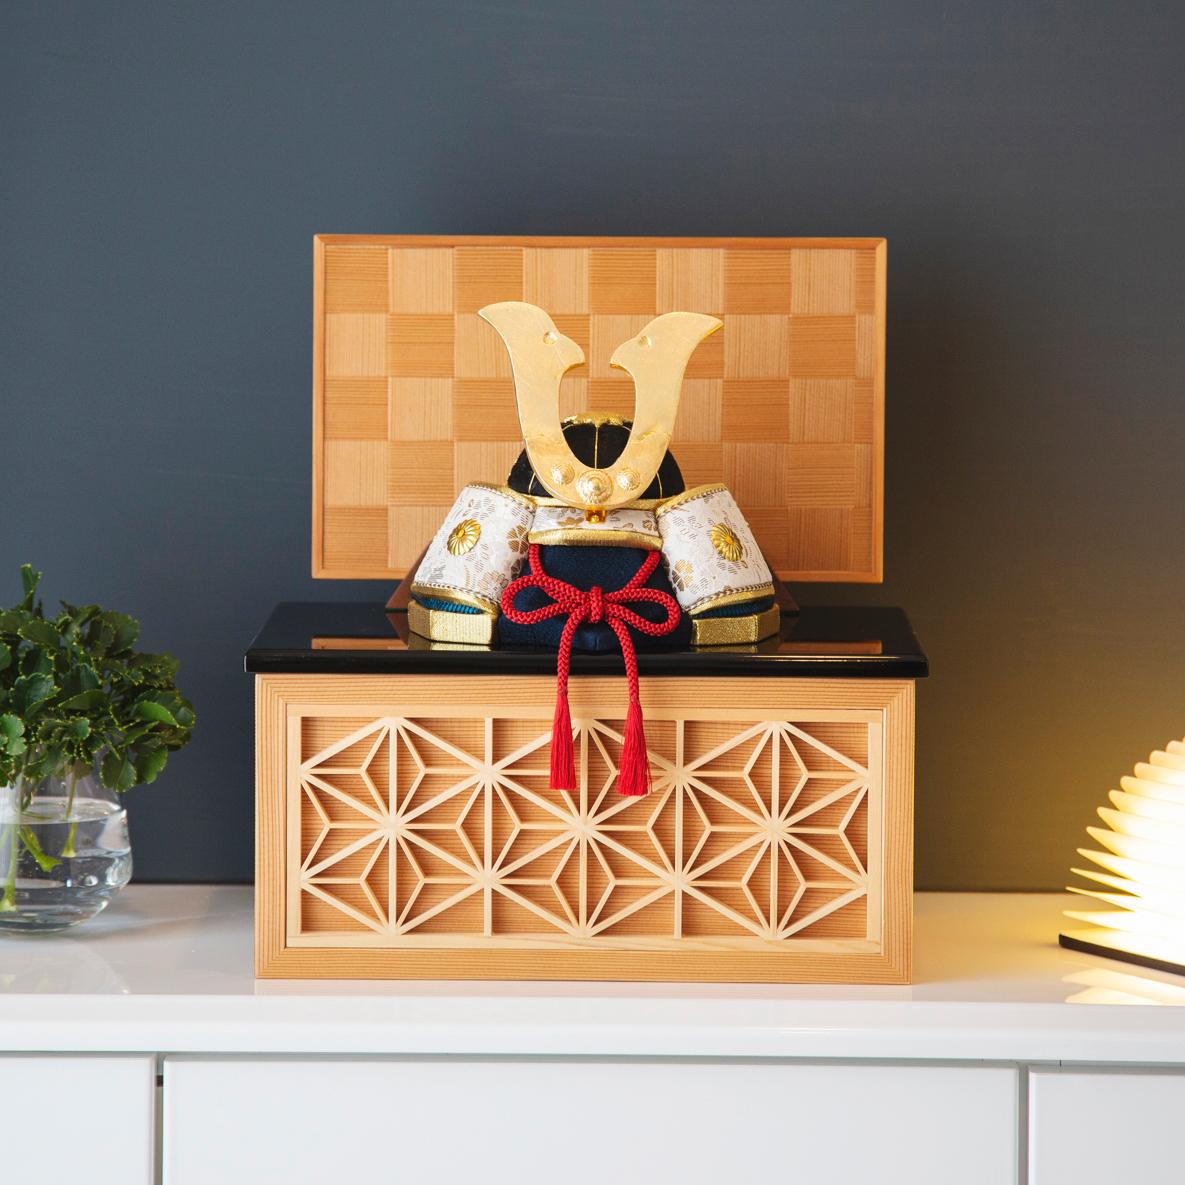 日光東照宮の造営にルーツを持つ、「鹿沼寄木細工・組子細工」をあしらった人気モデル。6つの日本伝統工芸をコンパクトにした、木目込の「プレミアム兜飾り」| 宝輝 | 柿沼人形